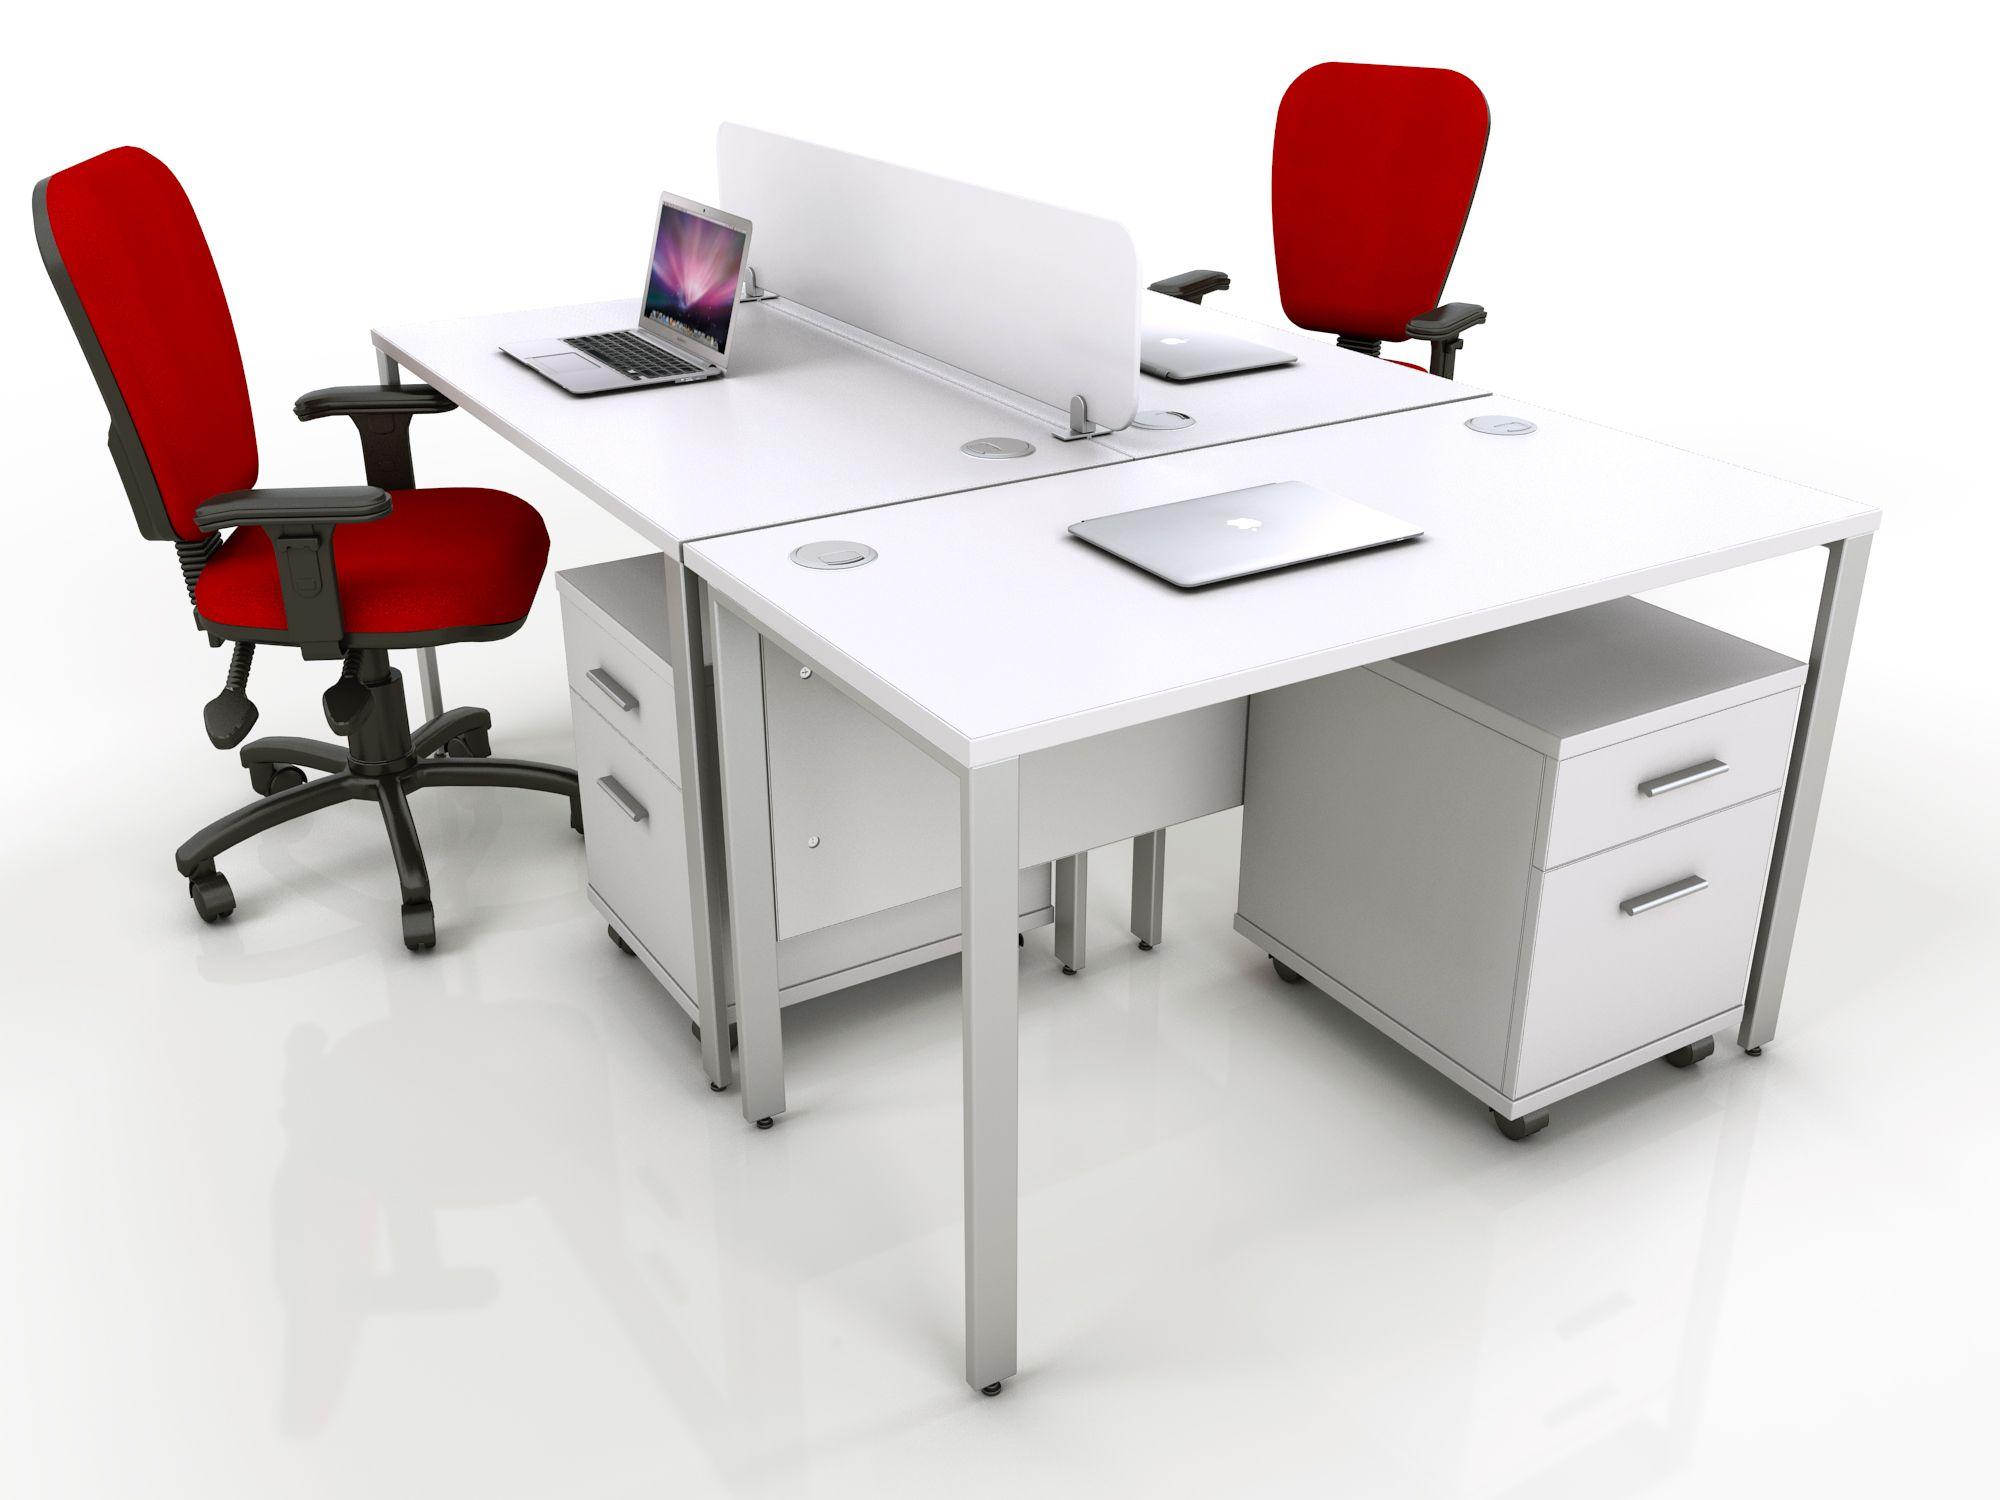 Uk Whole Office Furniture Suppliers For Dealers Reers Huge S On Bench Desks Storage Cupboards Wave Corner Pedestals